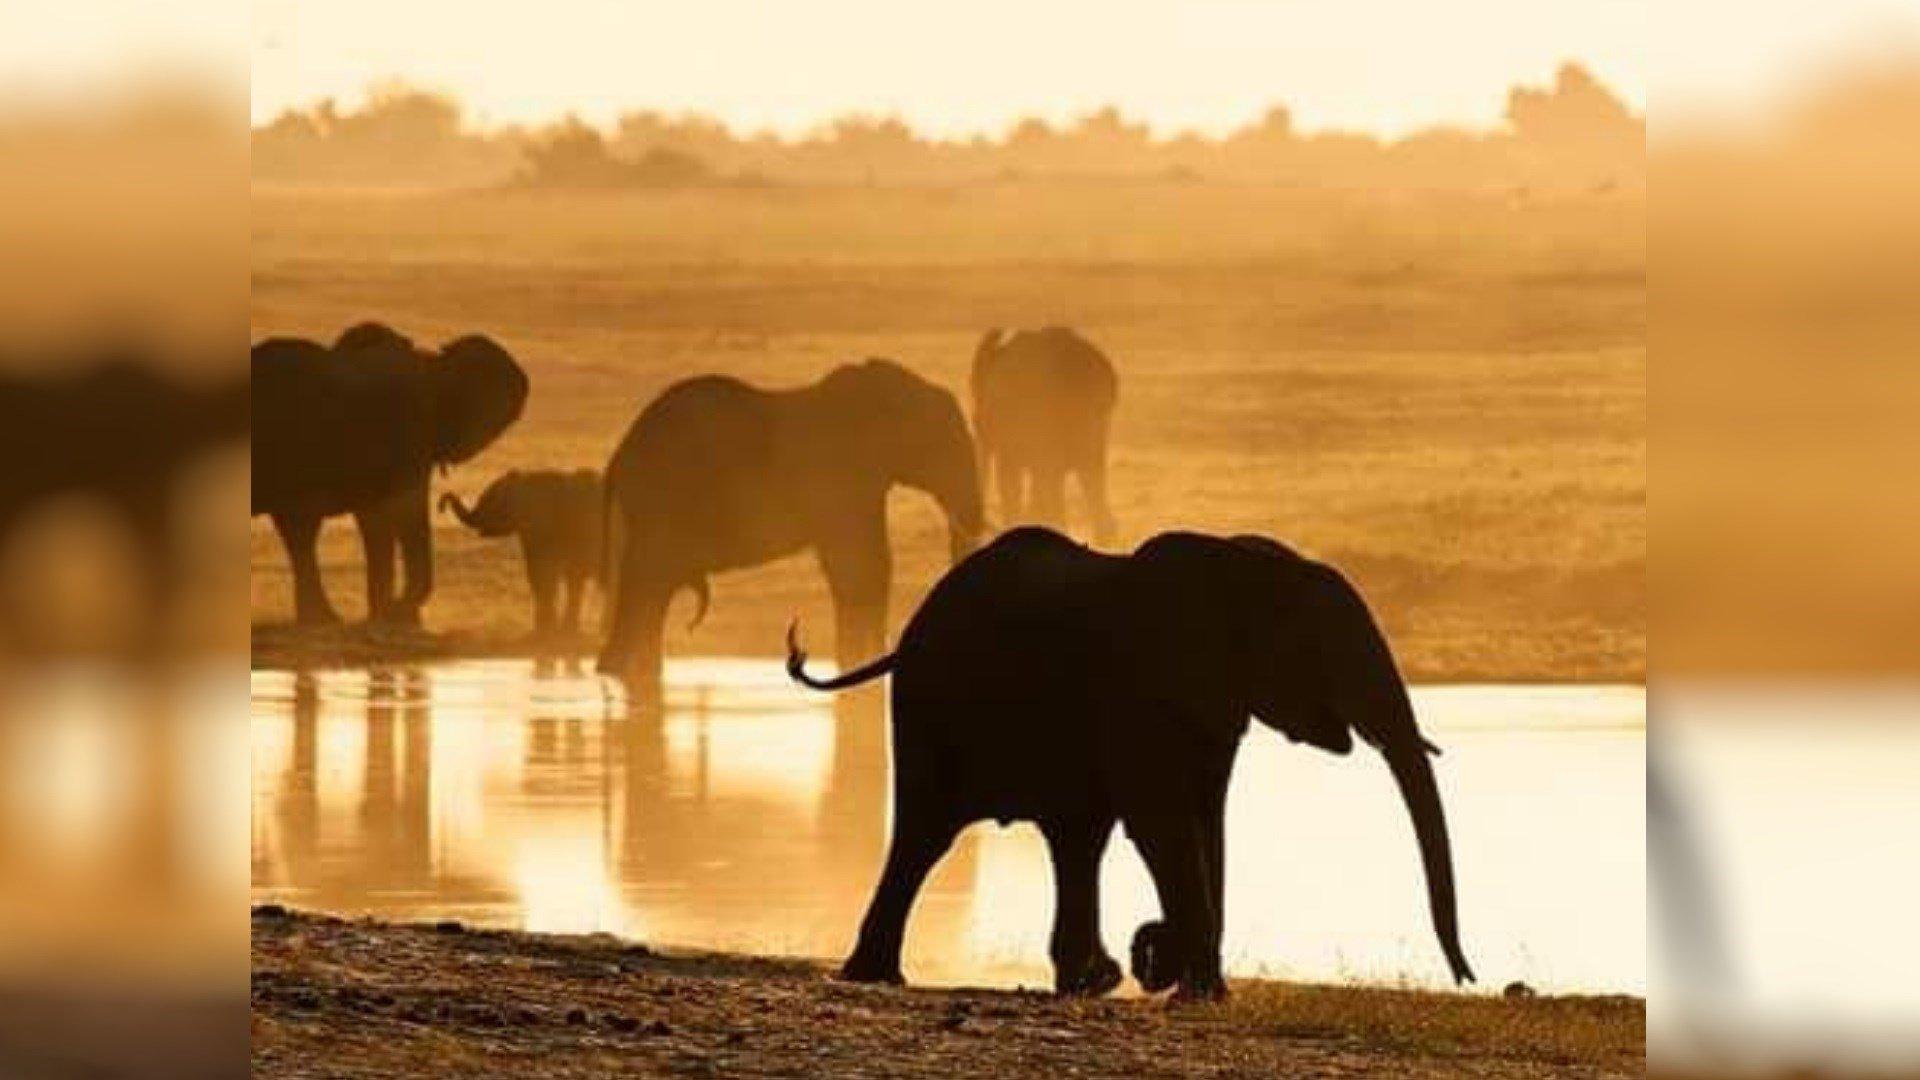 Photo: Botswana Government/Twitter